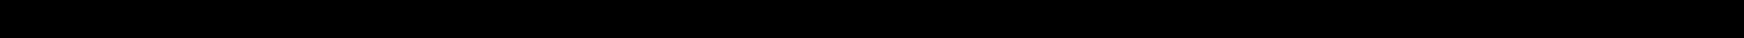 CFAstyPro-Medium.otf